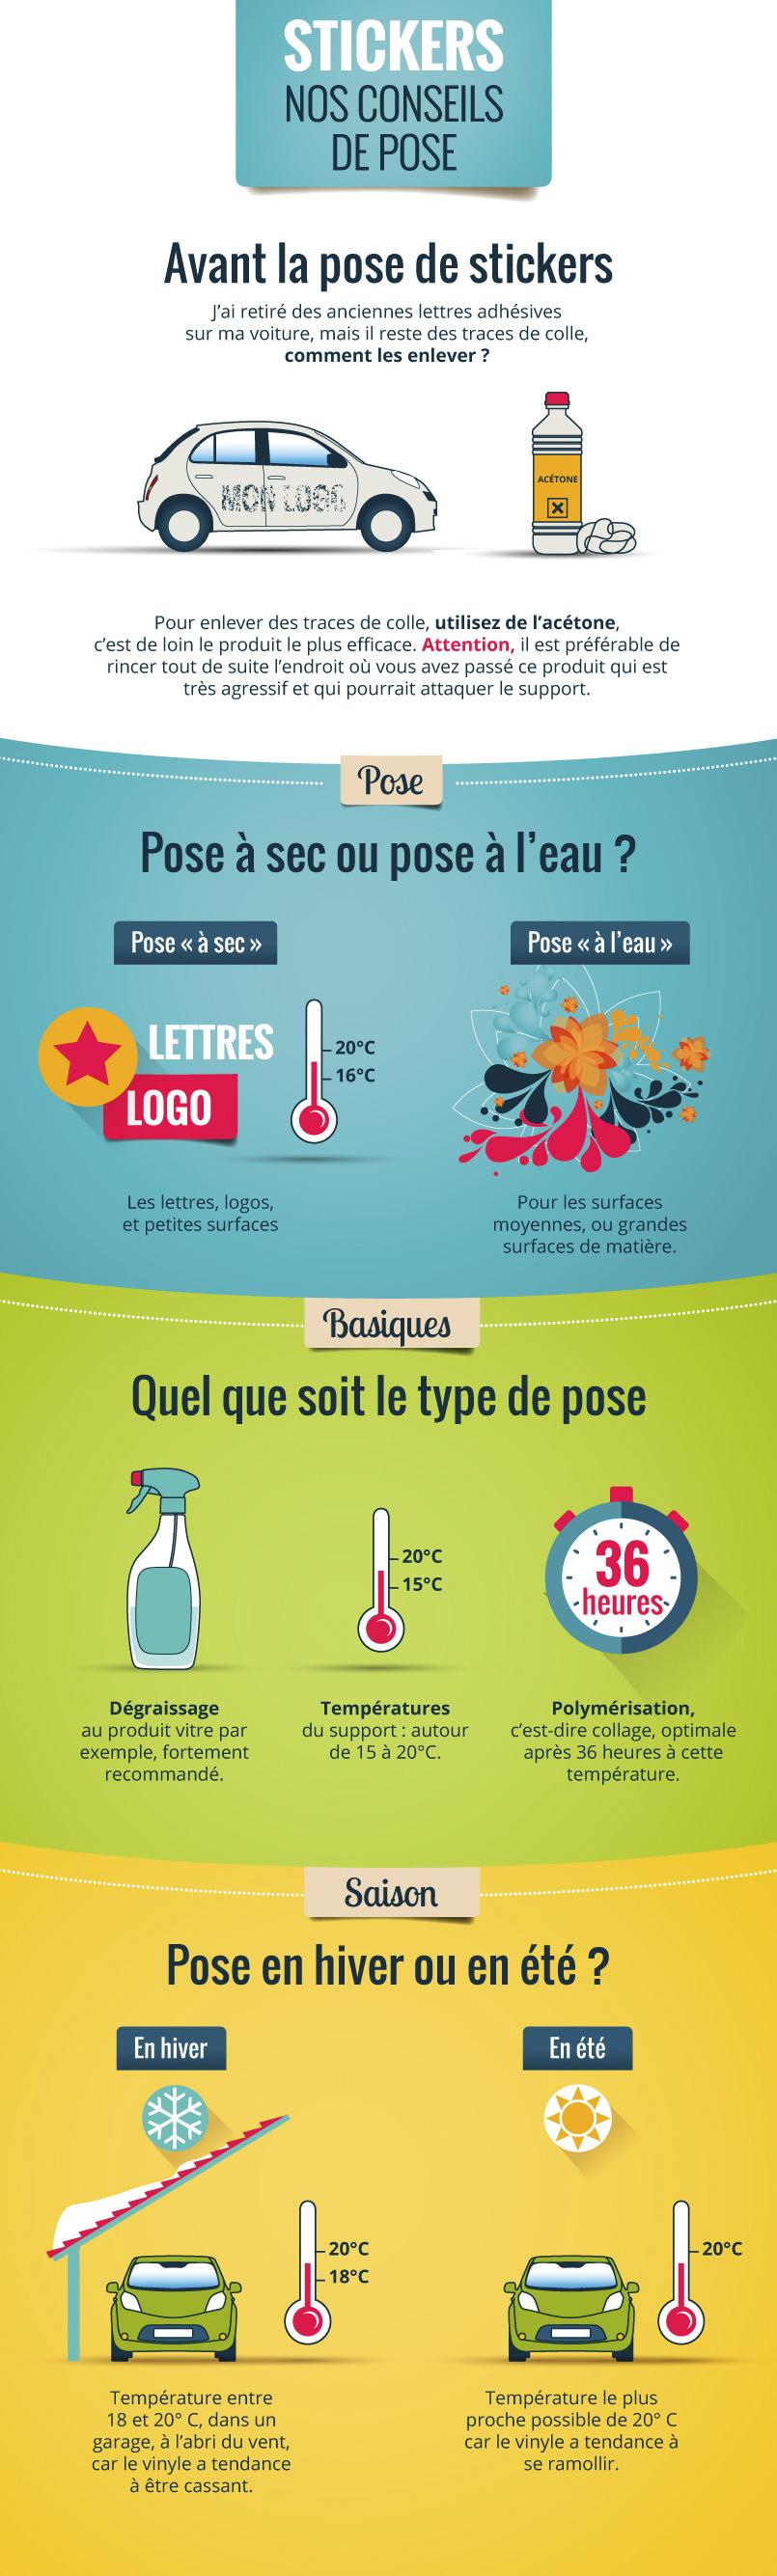 infographie-Stickers-voiture-publicité-pose